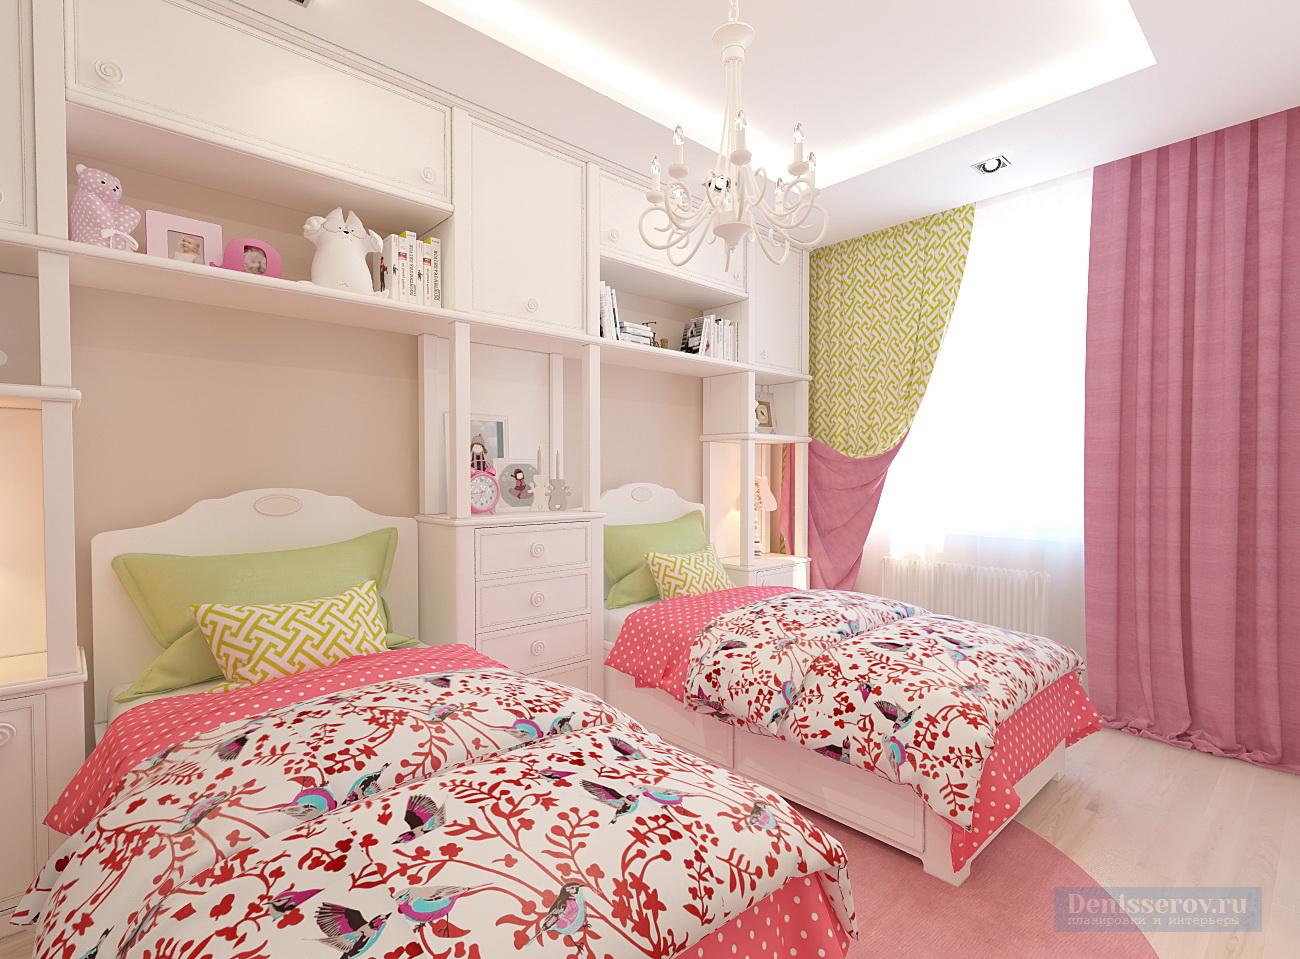 Дизайн-проект детской комнаты 15 кв. м в классическом стиле для двух девочек